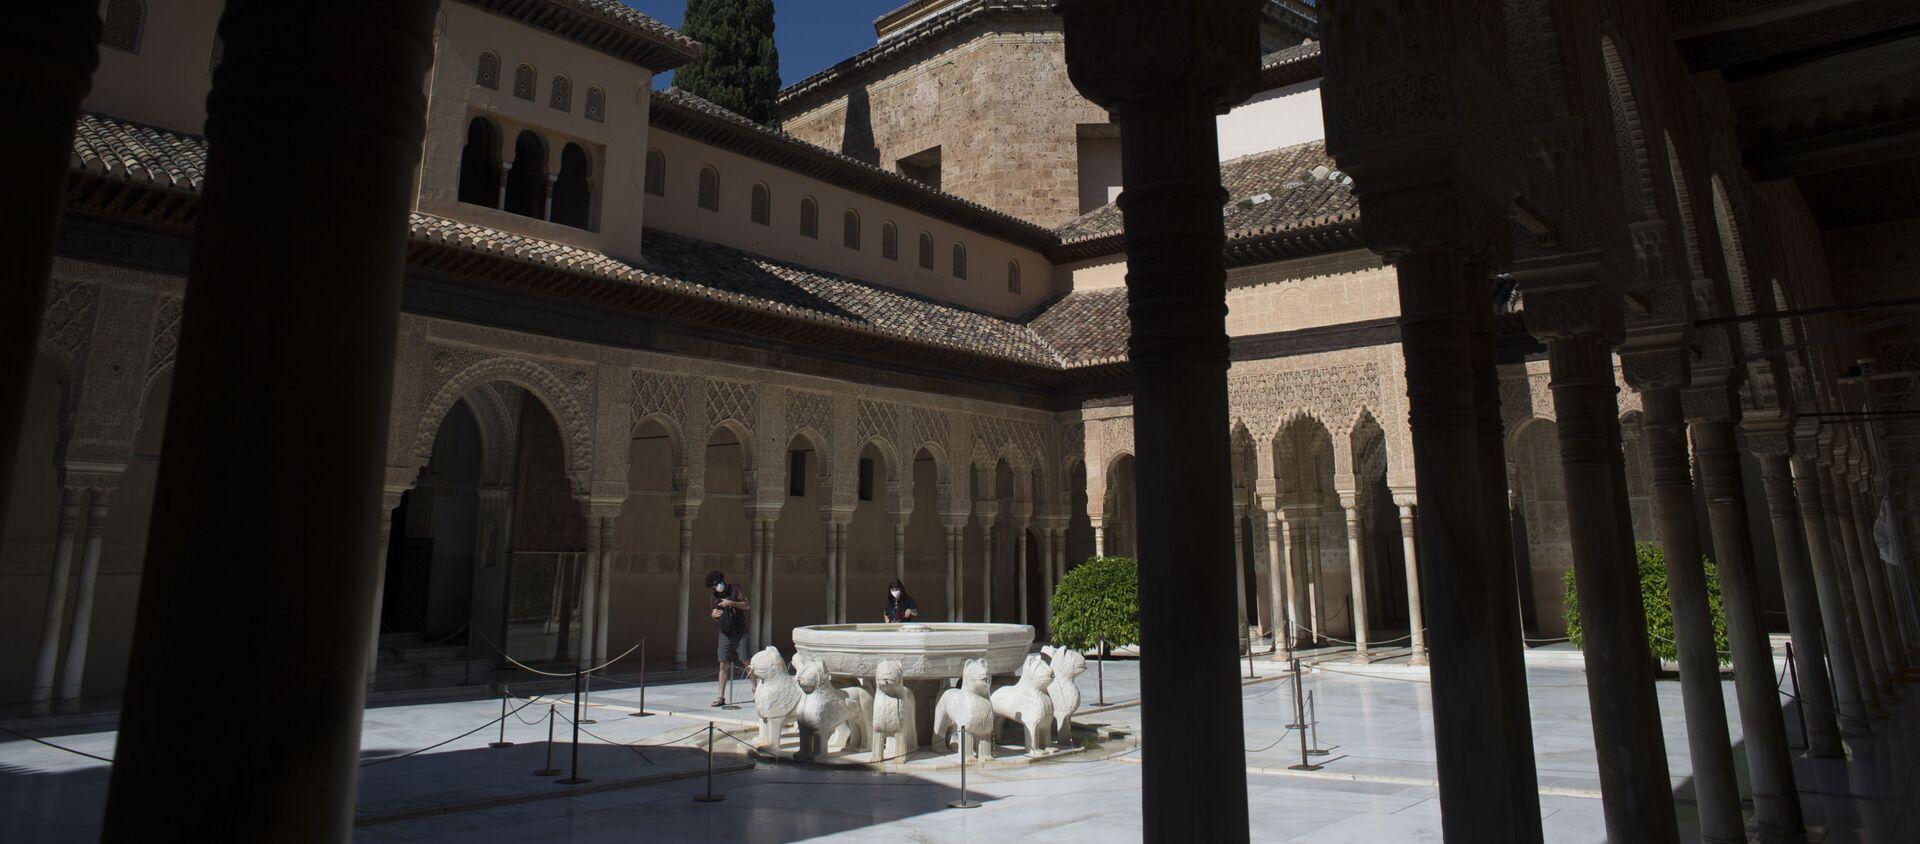 El Patio de los Leones de la Alhambra de Granada - Sputnik Mundo, 1920, 29.01.2021